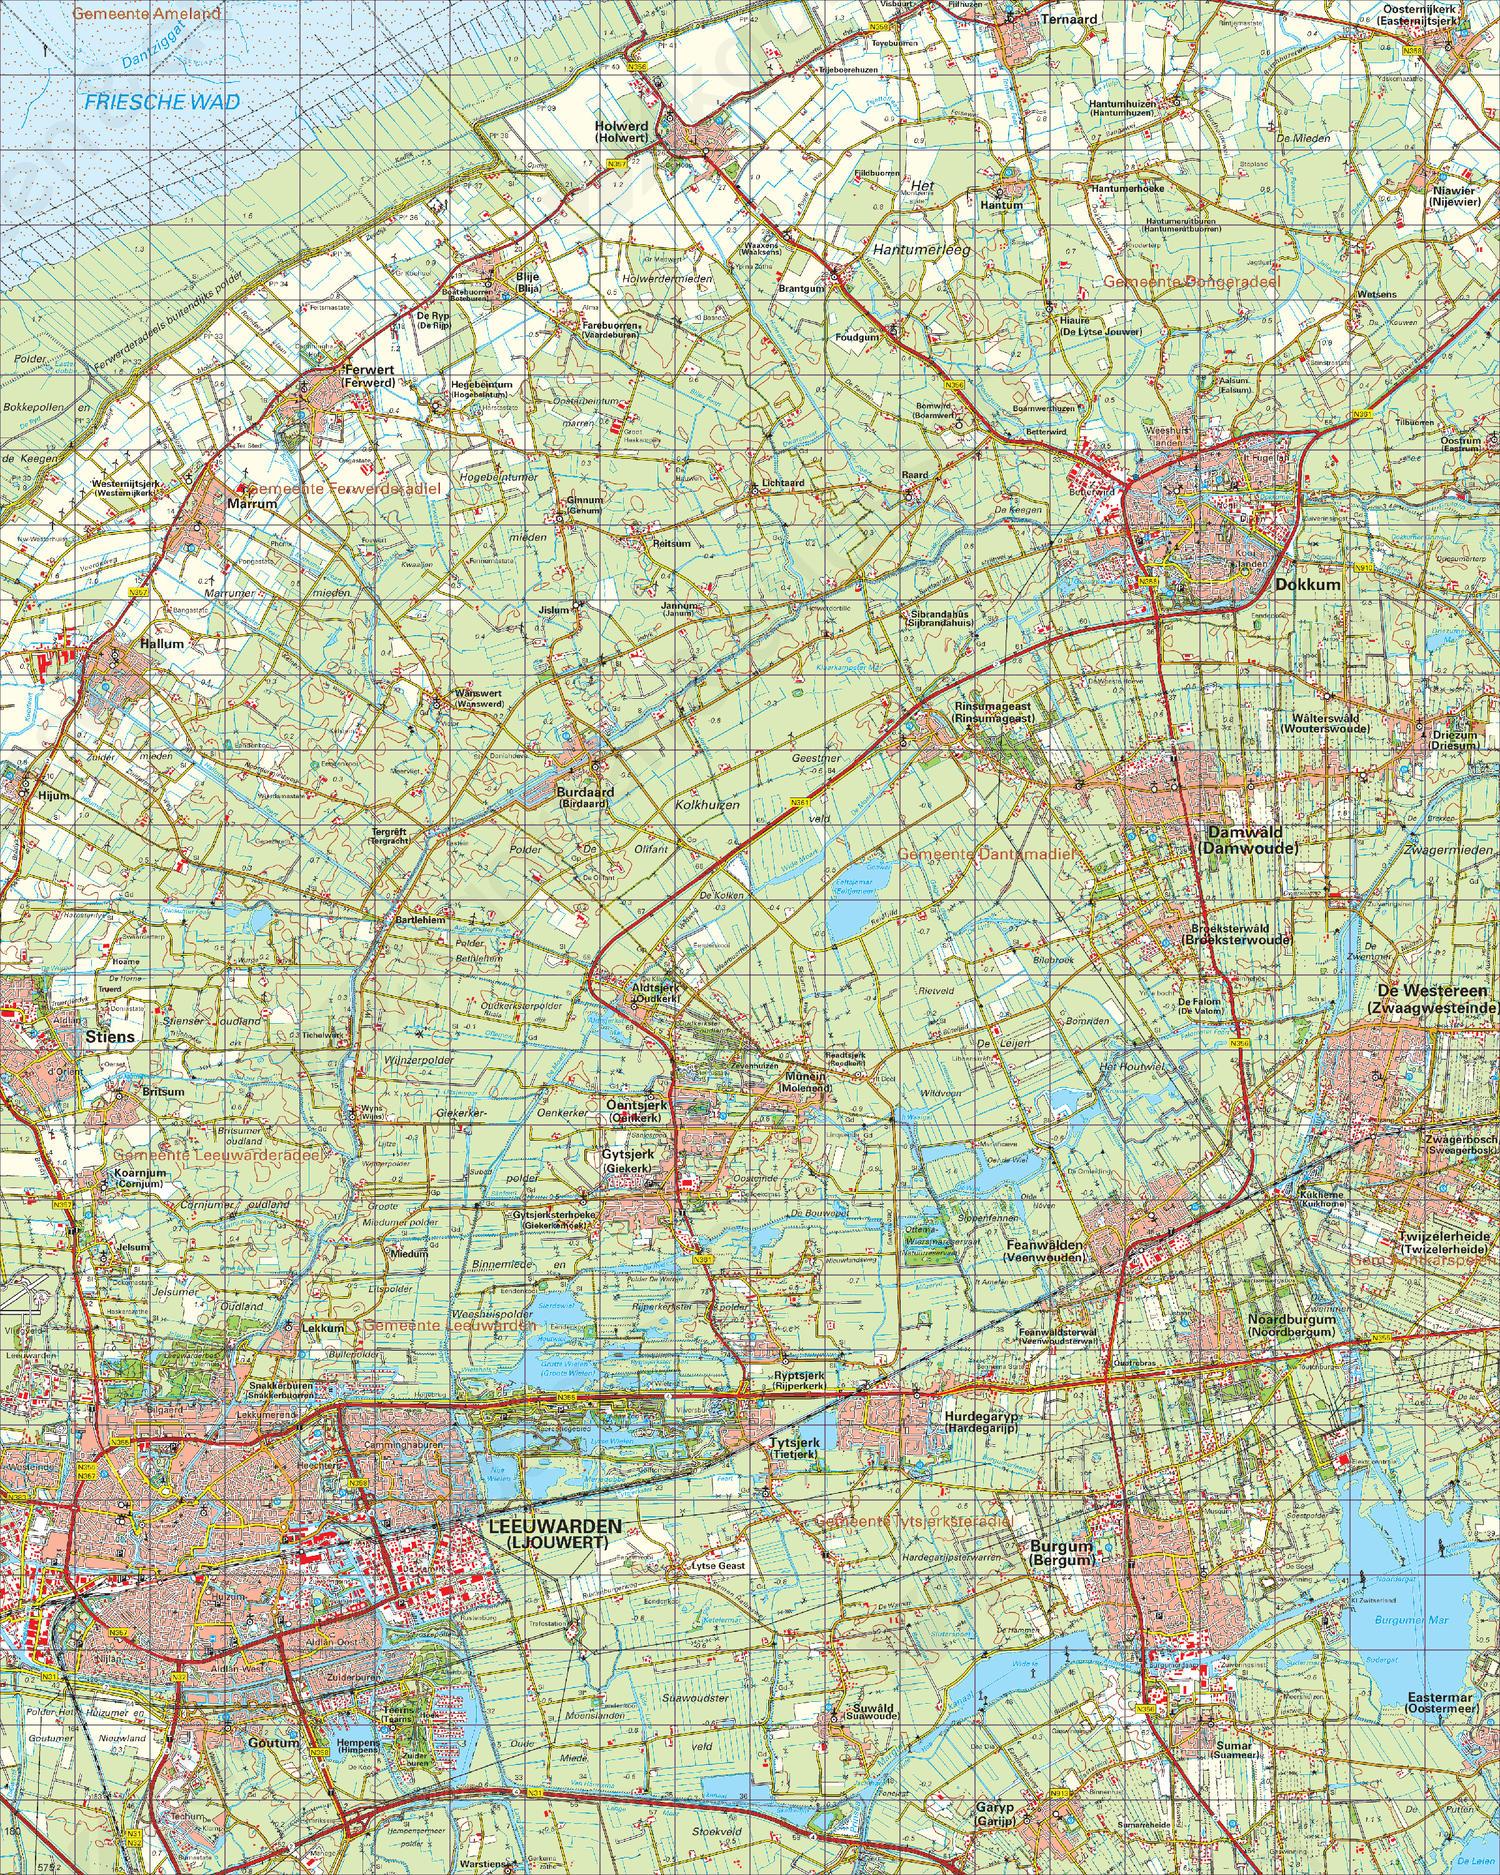 Topografische Kaart 6 West Leeuwarden